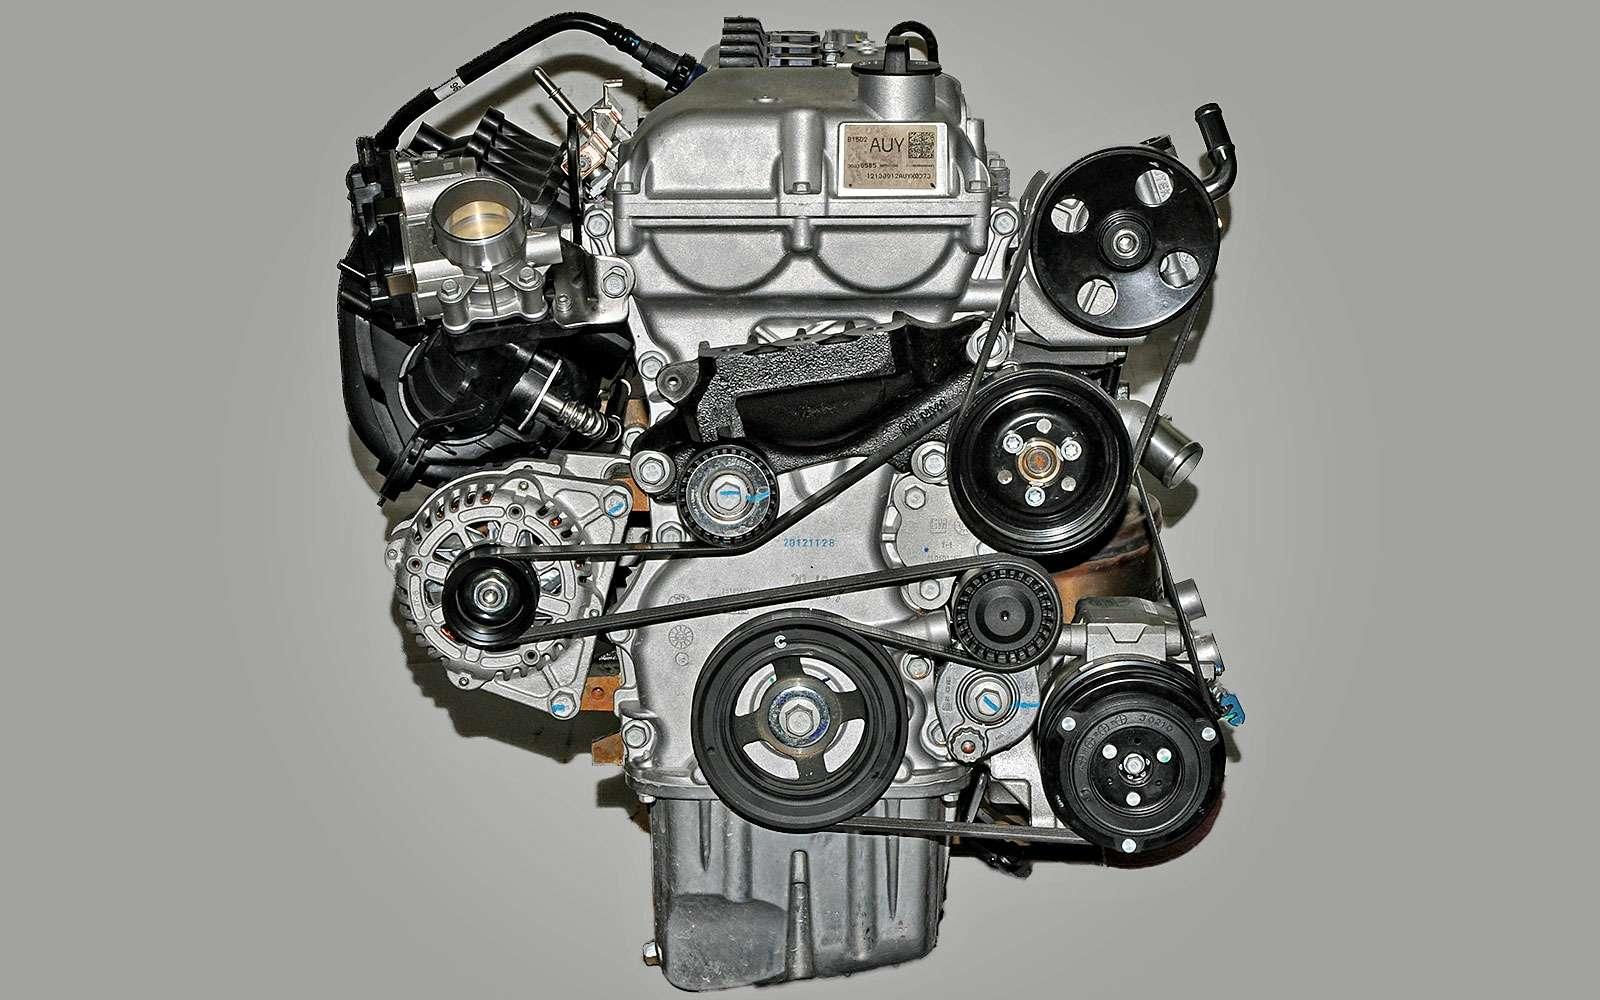 Замена ремня вспомогательных агрегатов на Chevrolet Cobalt